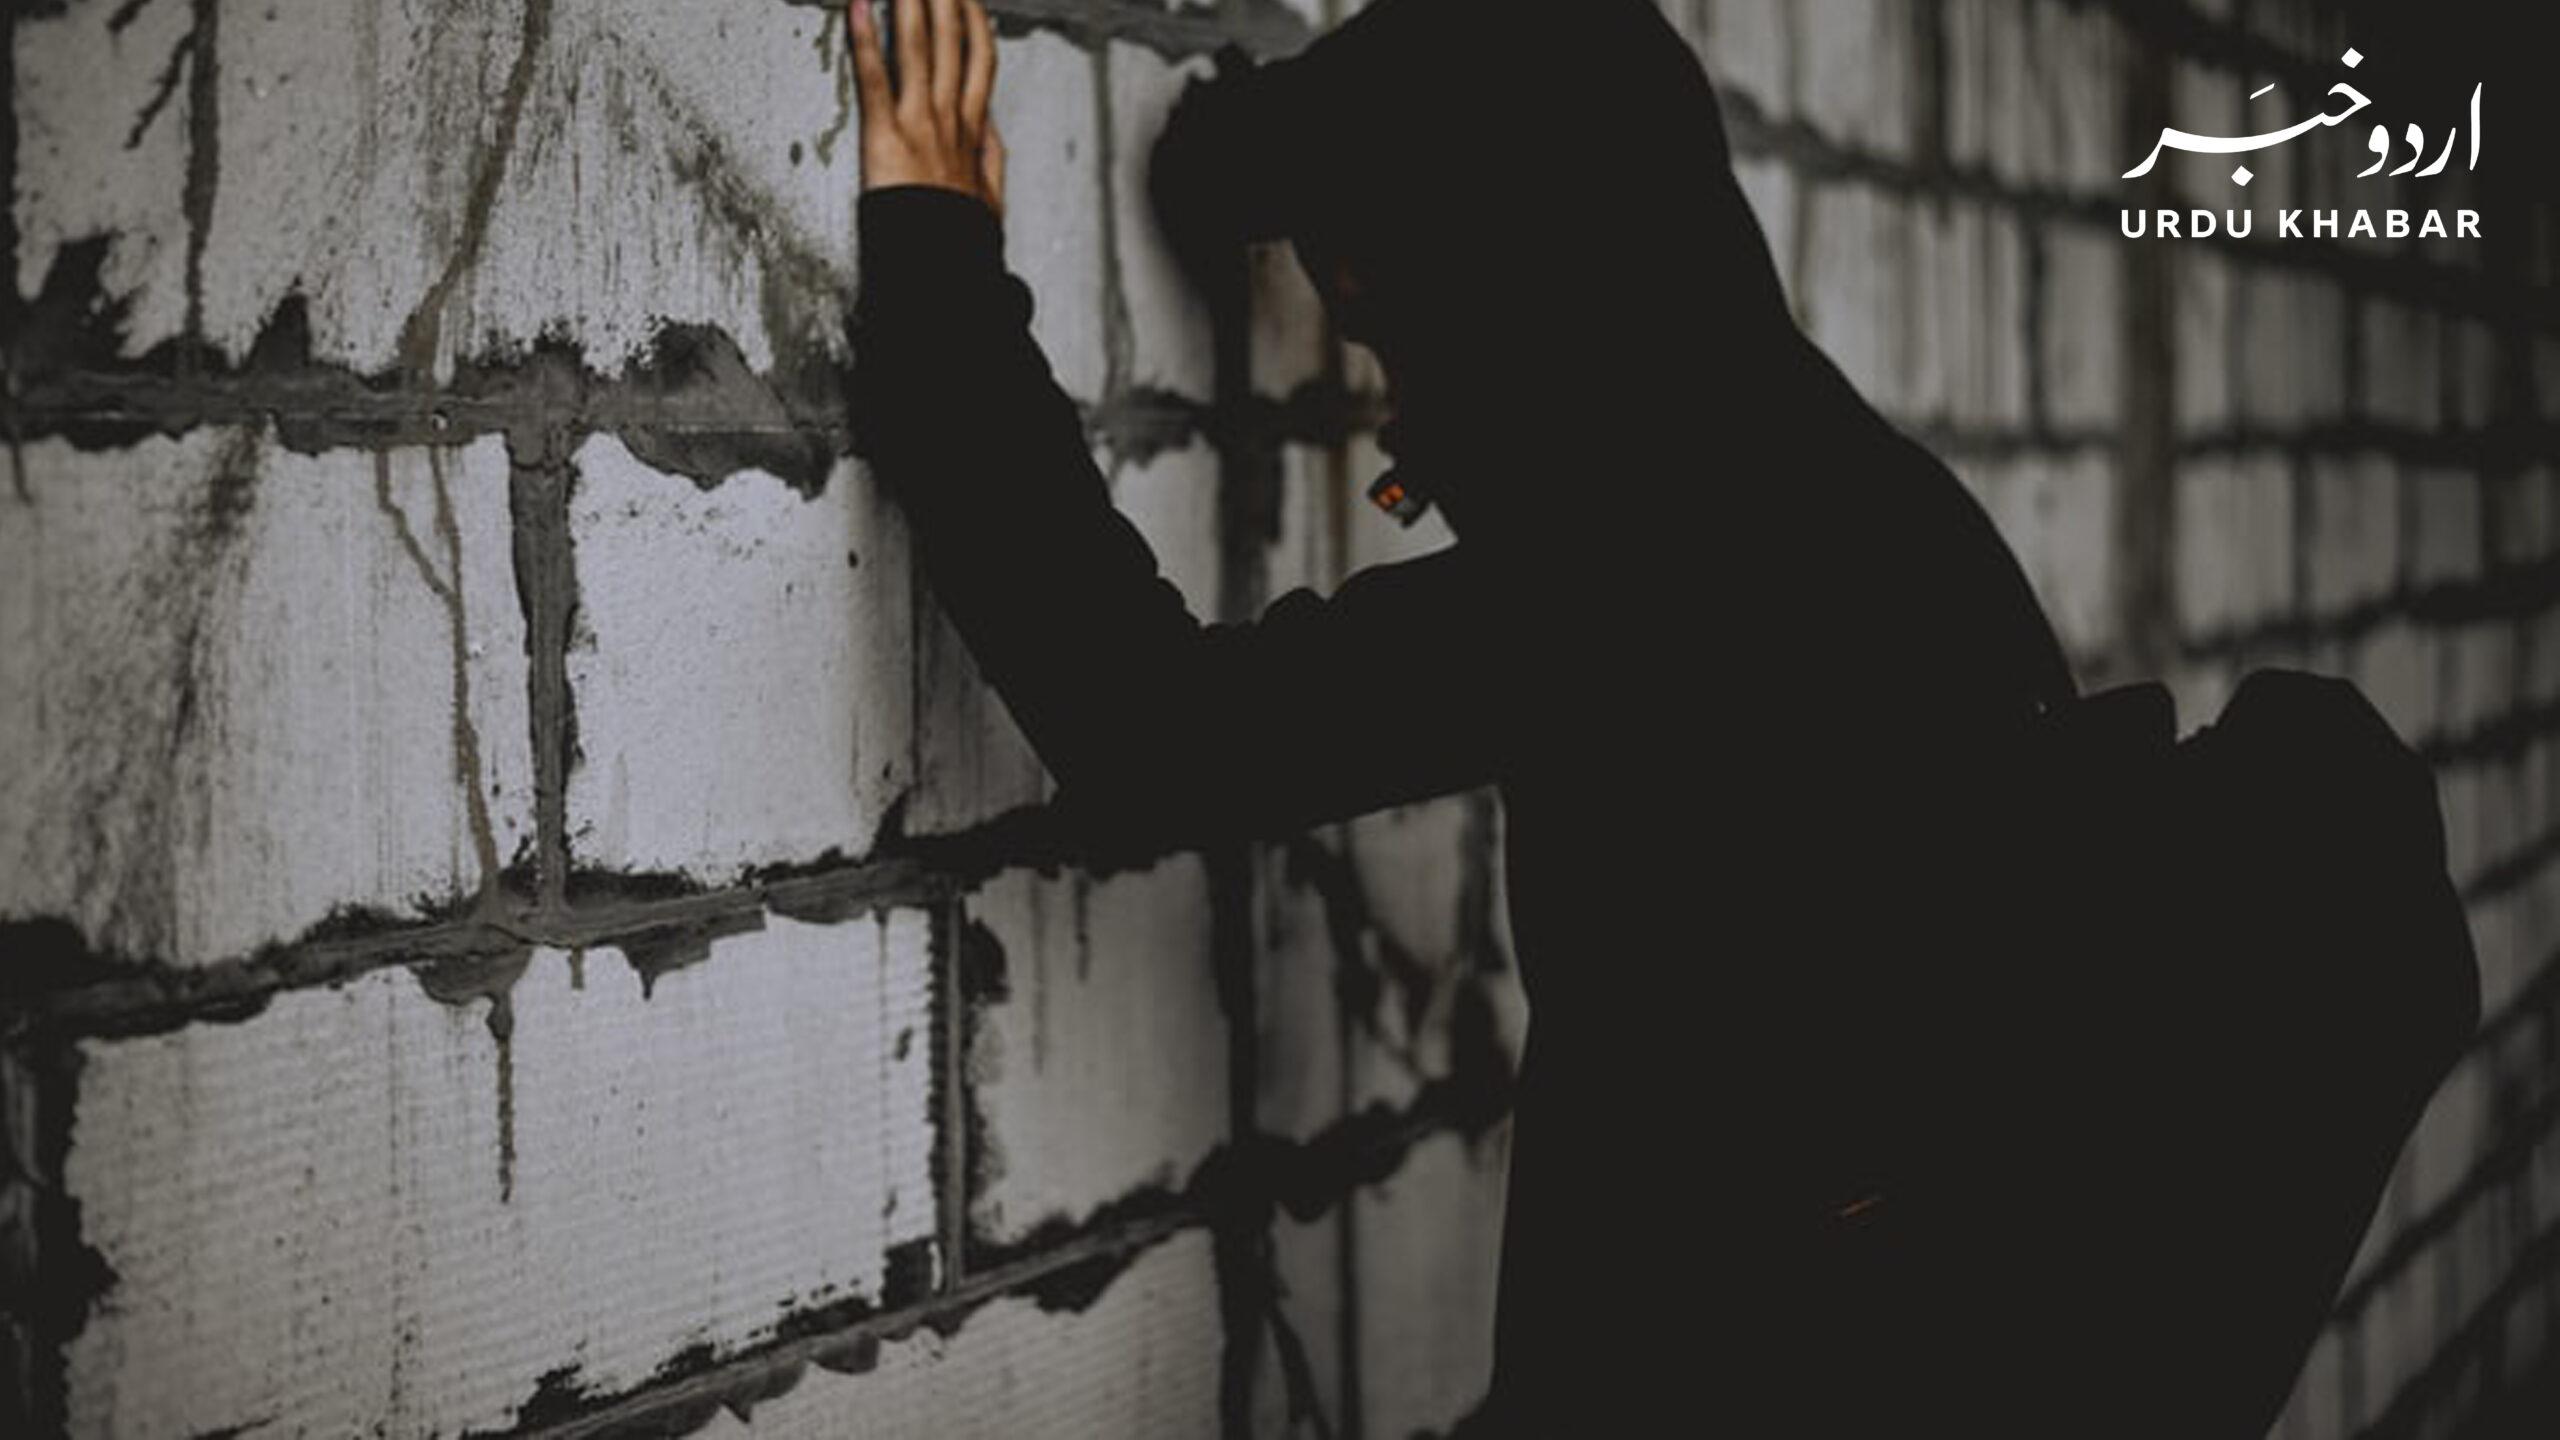 کراچی: اگلی کلاس میں پروموٹ نا کئے جانے پر طالب علم کی خودکشی